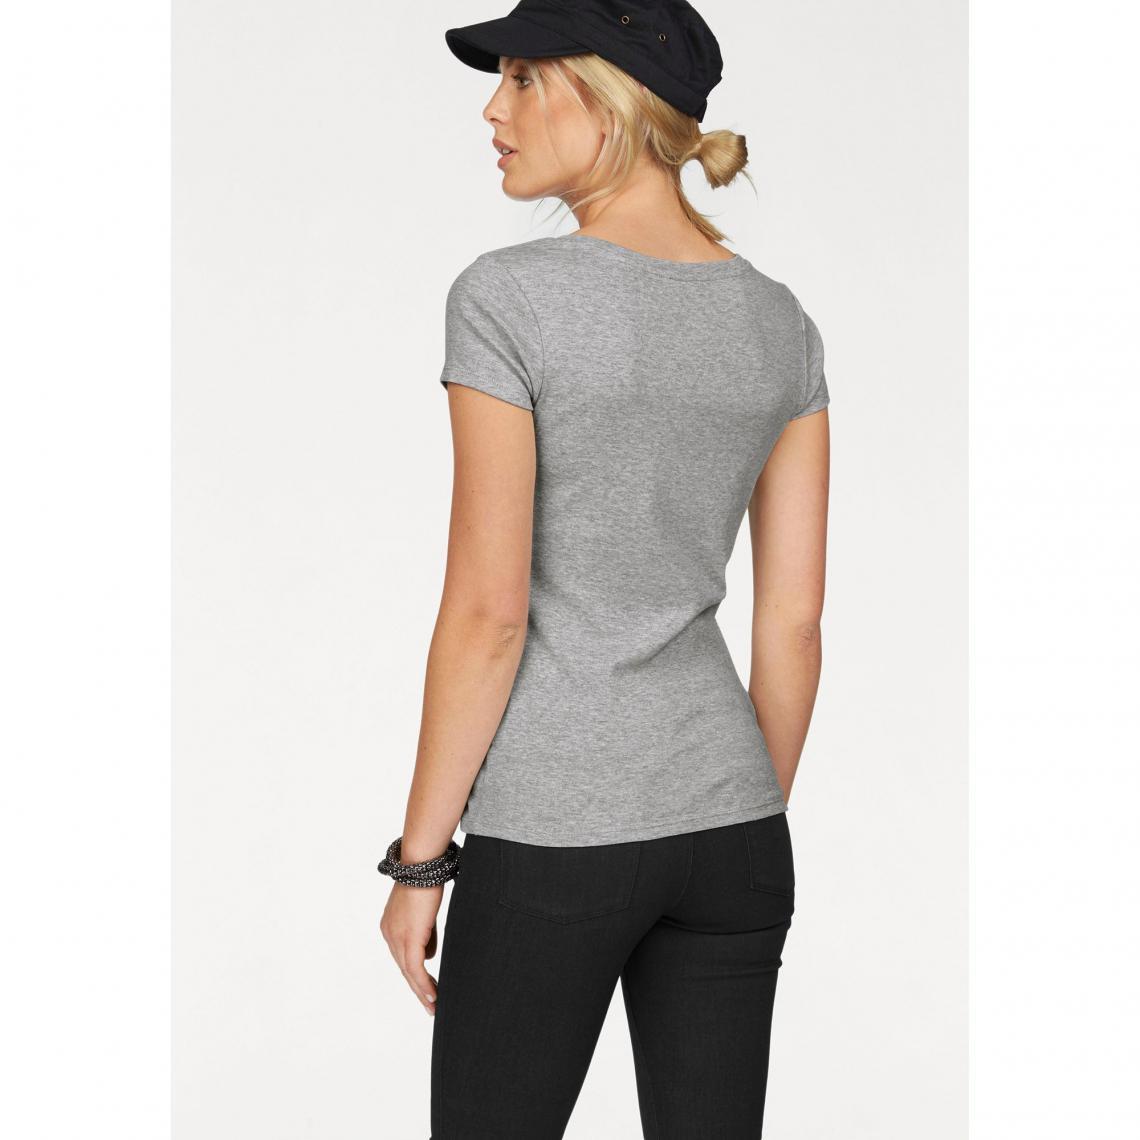 T-shirts col rond Arizona Cliquez l image pour l agrandir. T-shirt imprimé  col rond manches courtes femme Arizona - Gris Clair Chiné Arizona 6e66fd10839b